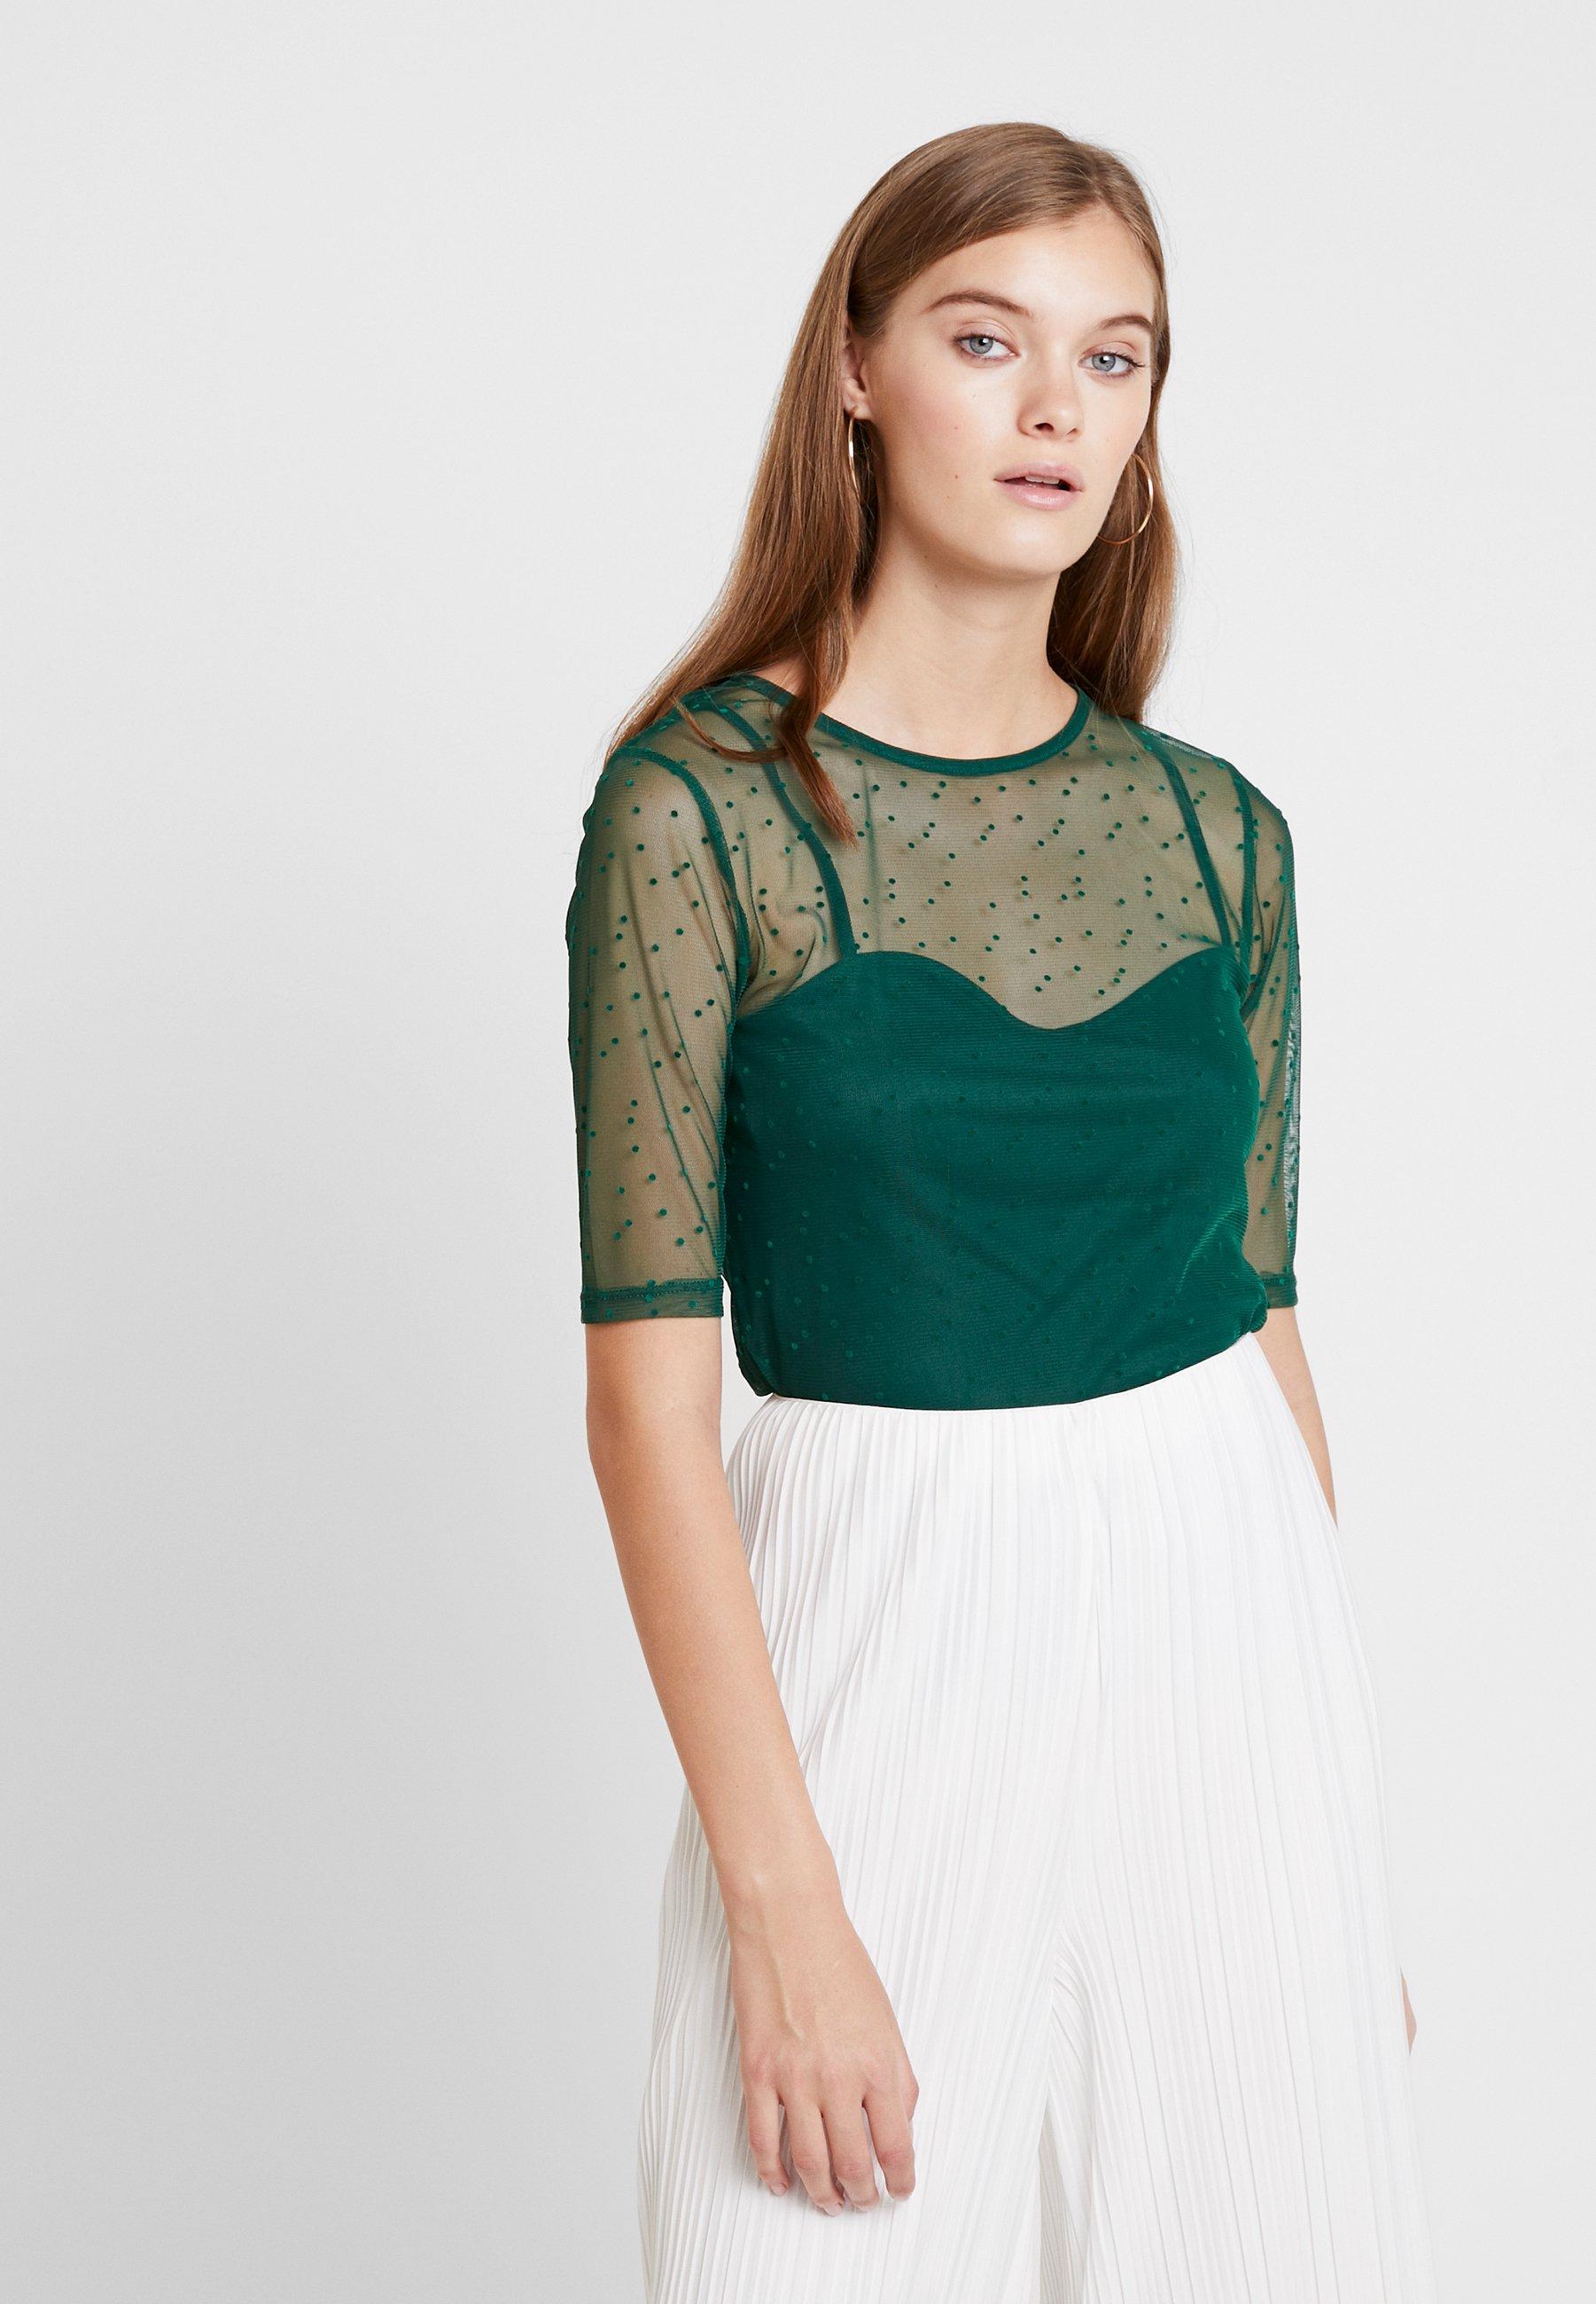 shirt Mint Mint amp;berry shirt T ImpriméEden T shirt amp;berry amp;berry T Mint ImpriméEden 3Lq5AR4j